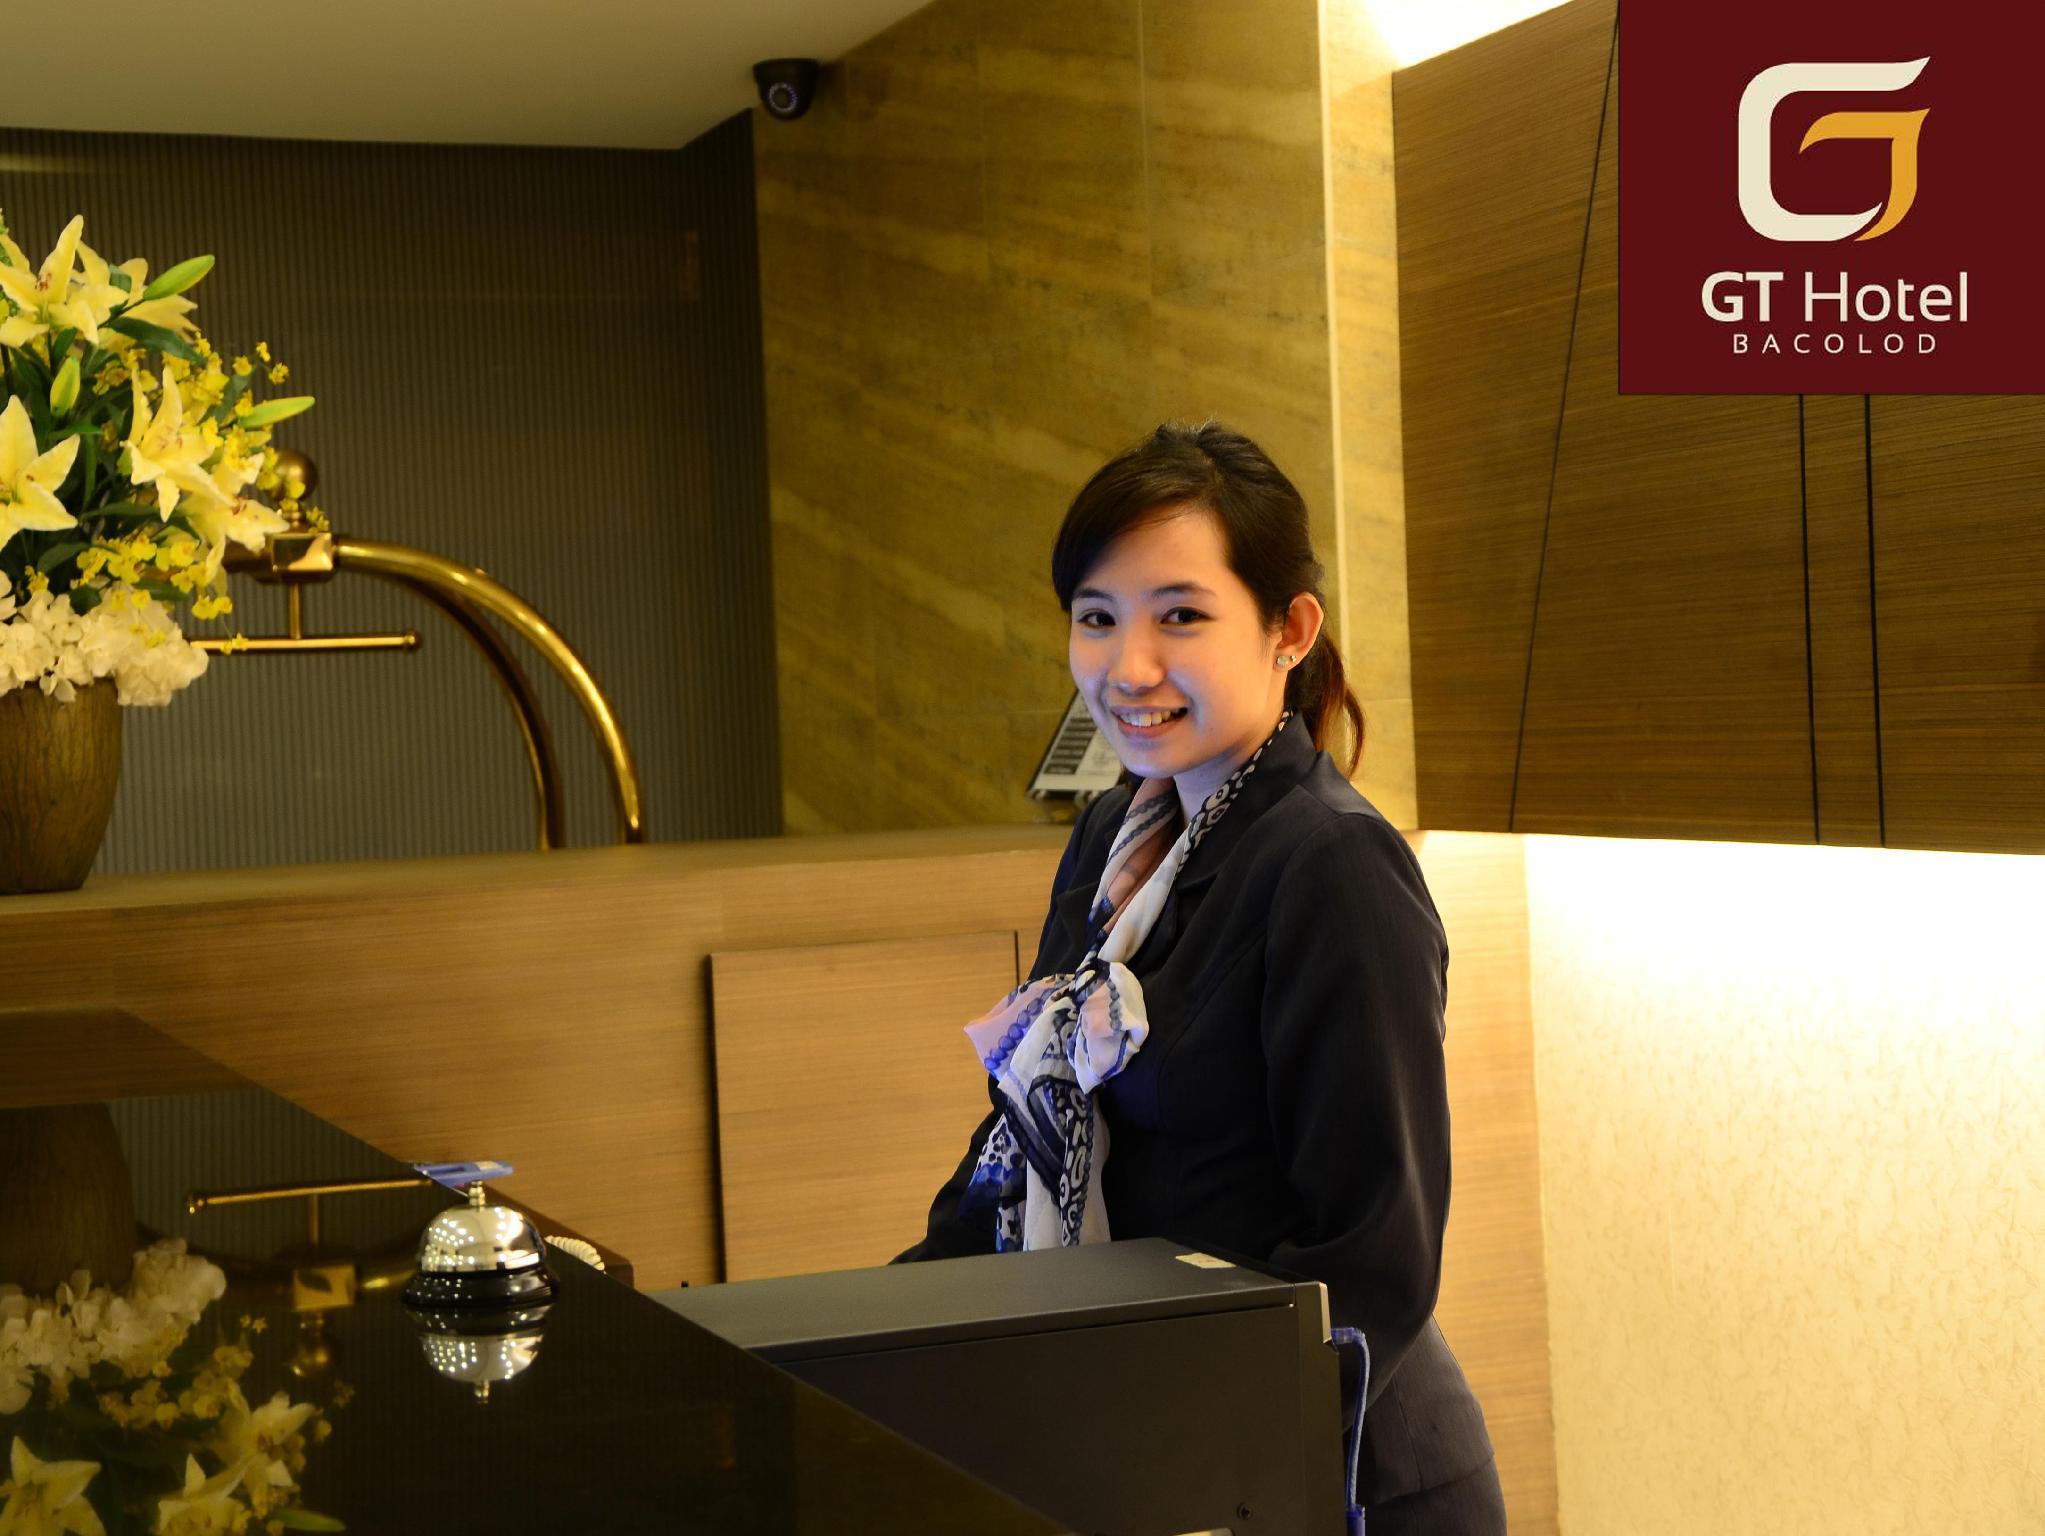 GT Hotel Bacolod, Bacolod City